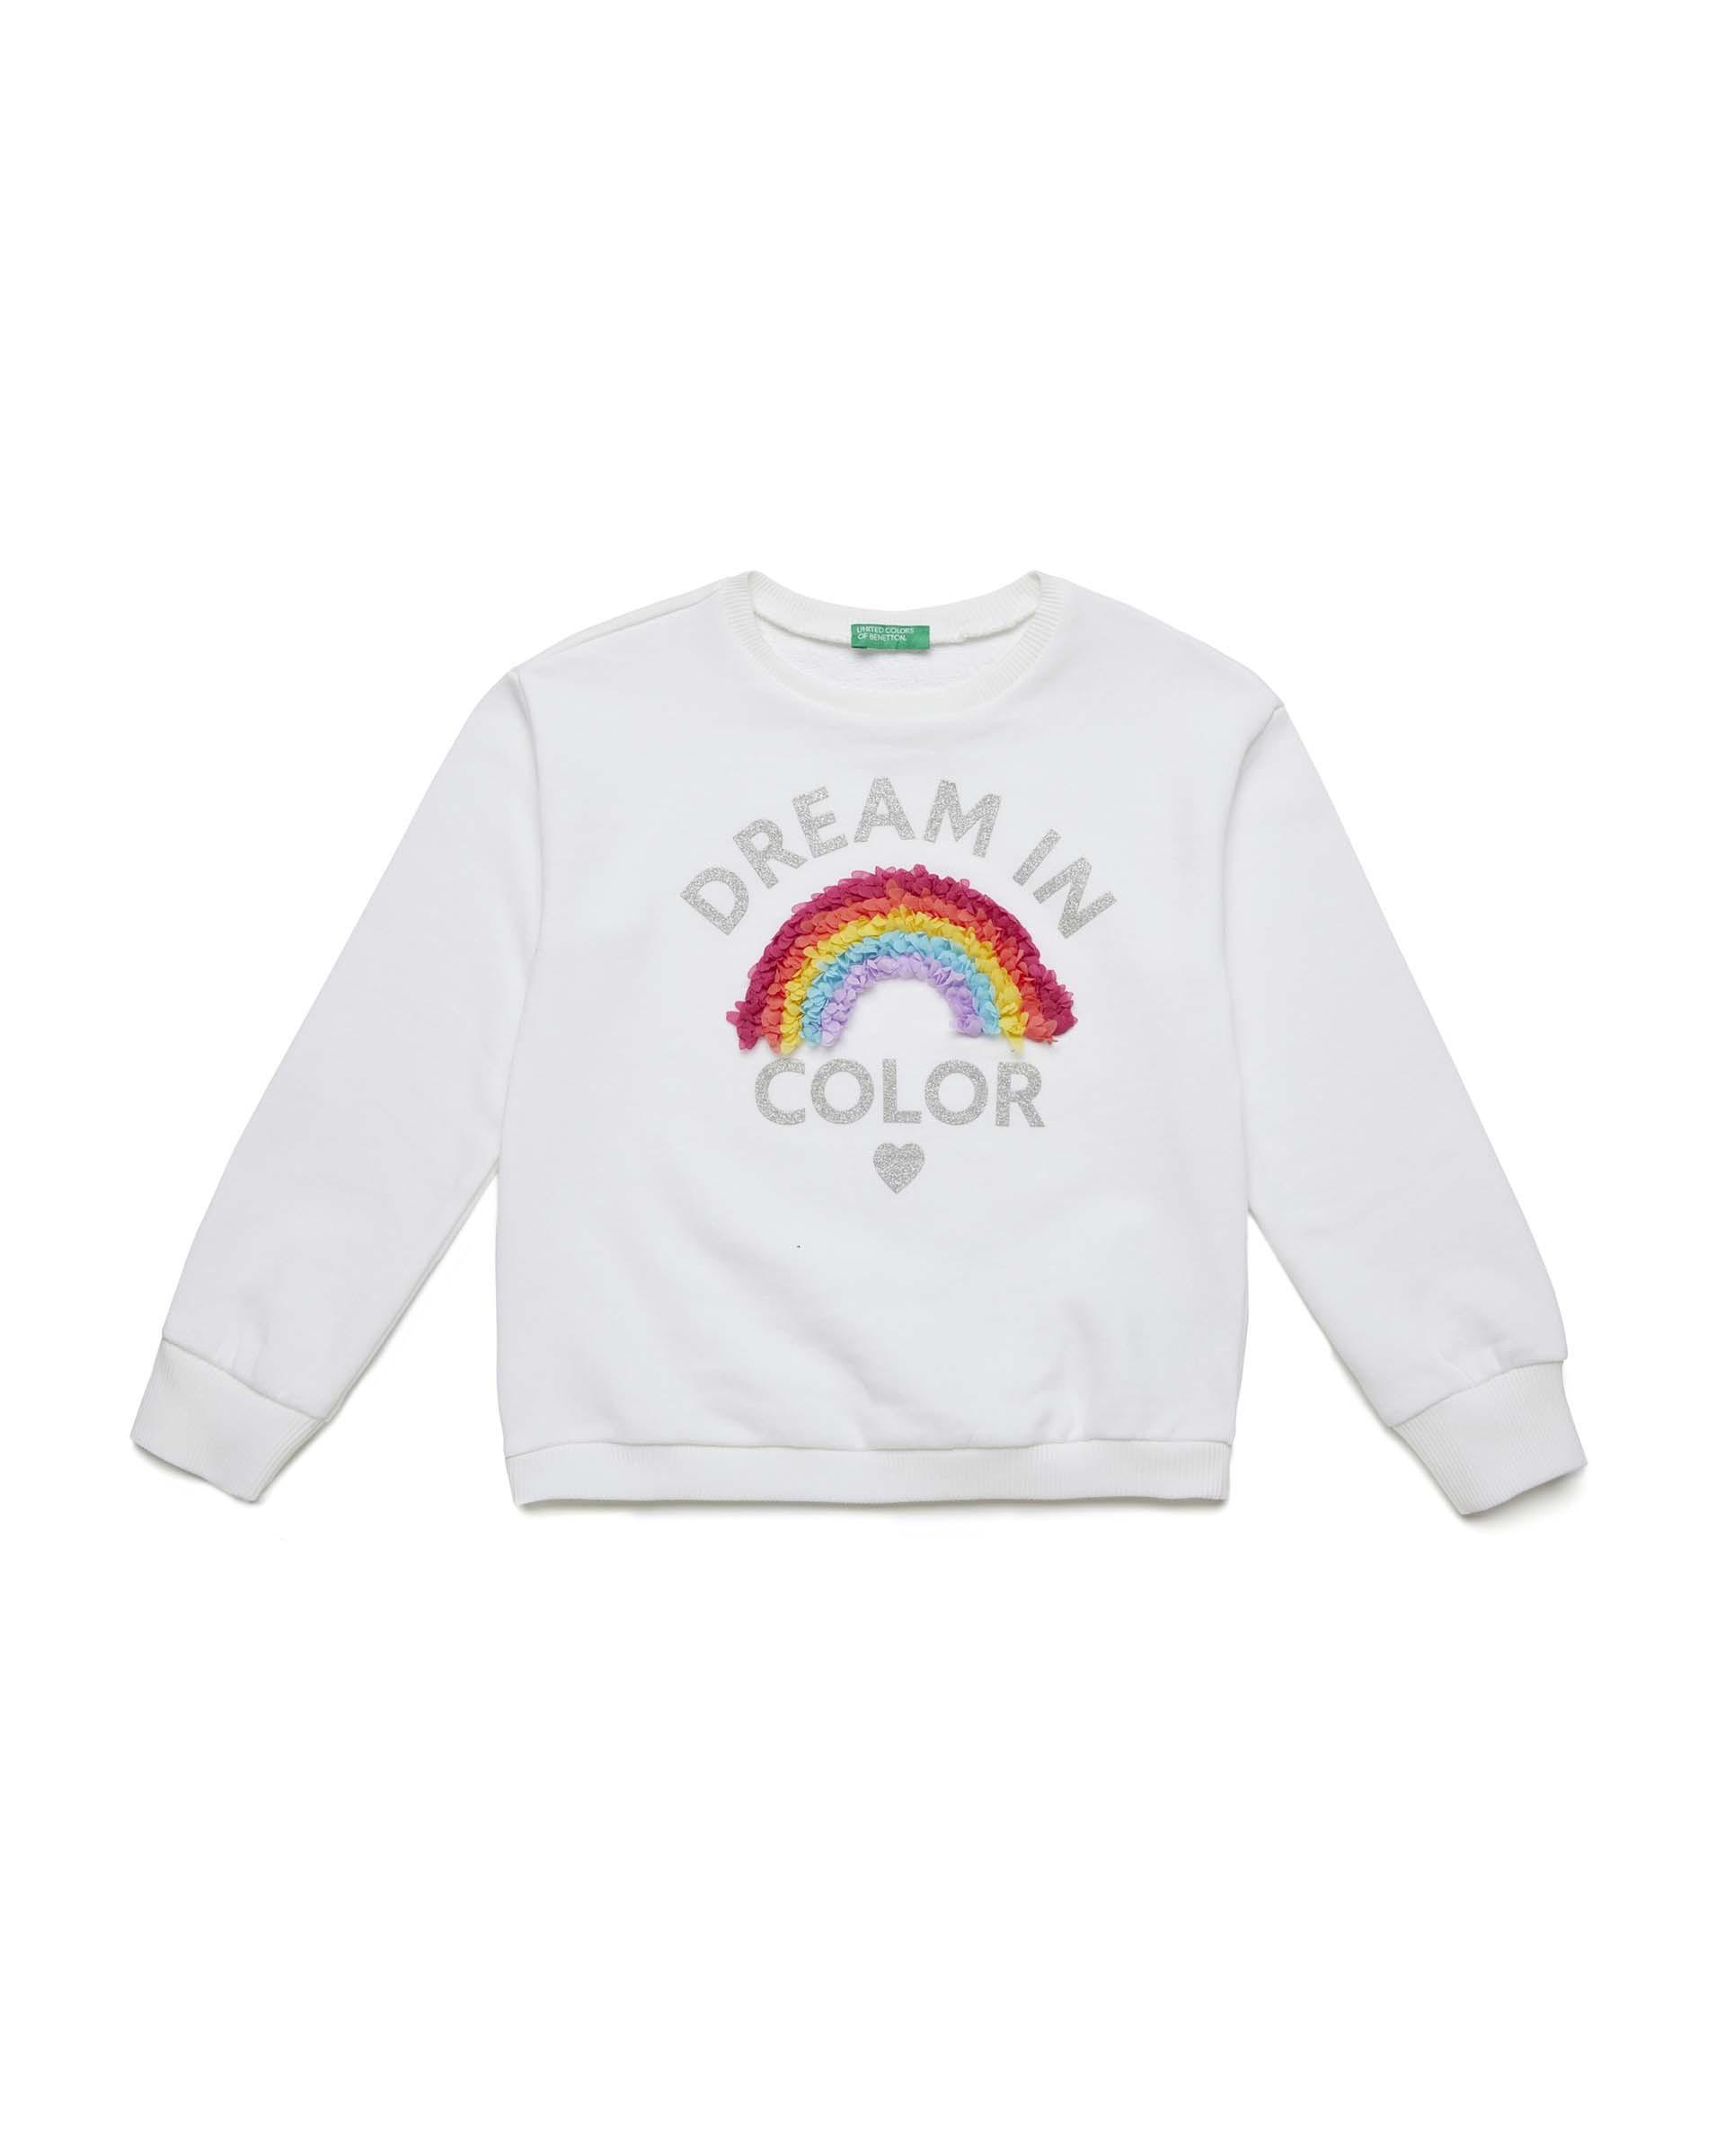 Купить 20P_3J68C14L2_101, Толстовка для девочек Benetton 3J68C14L2_101 р-р 92, United Colors of Benetton, Кофточки, футболки для новорожденных